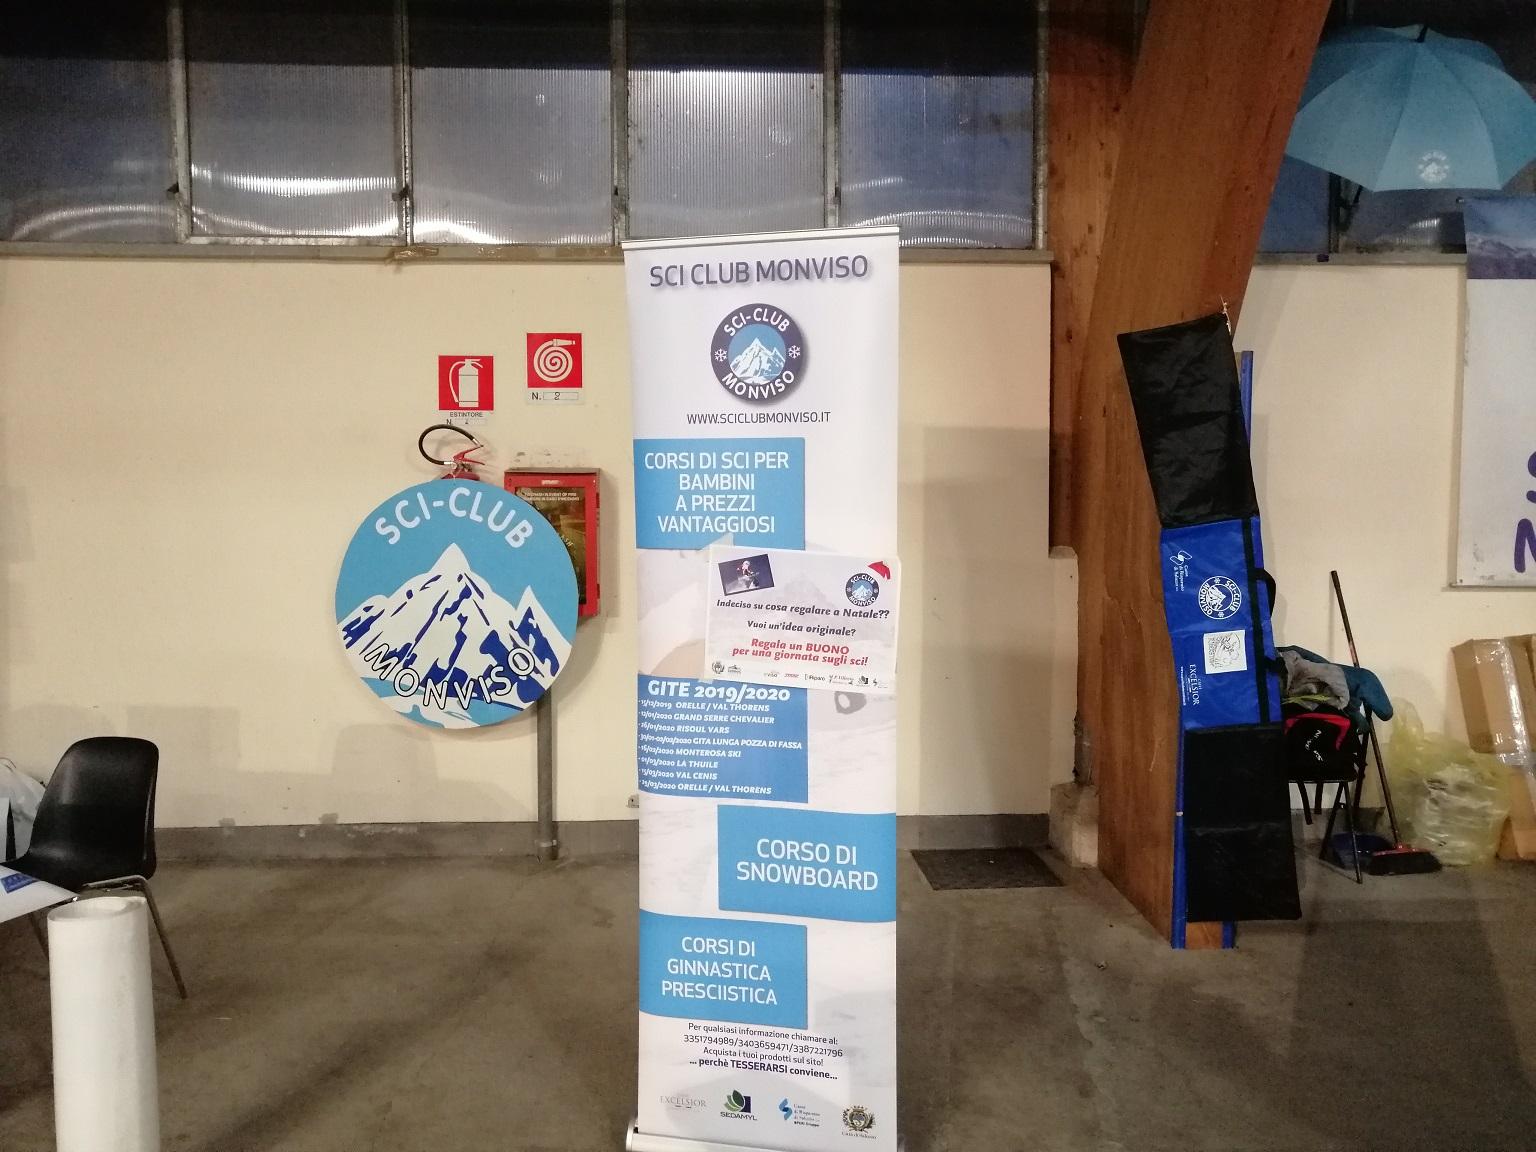 Saluzzo: lo Sci Club Monviso inaugura la stagione presso il Pala Crs (FOTO e VIDEO) - IdeaWebTv